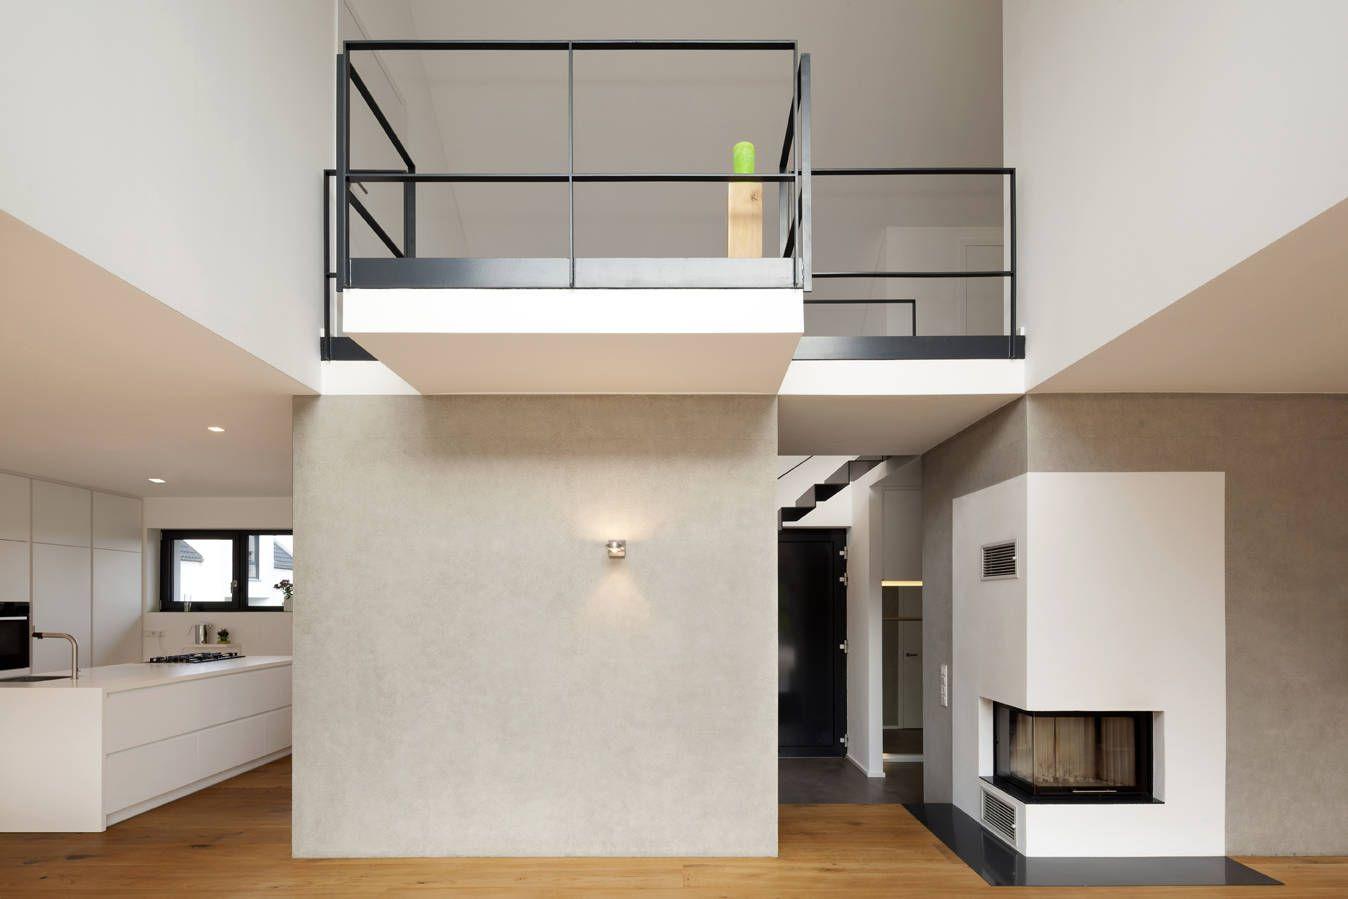 galerie wohnzimmer kamin haus f h moderne wohnzimmer von schamp schmal er modern living. Black Bedroom Furniture Sets. Home Design Ideas